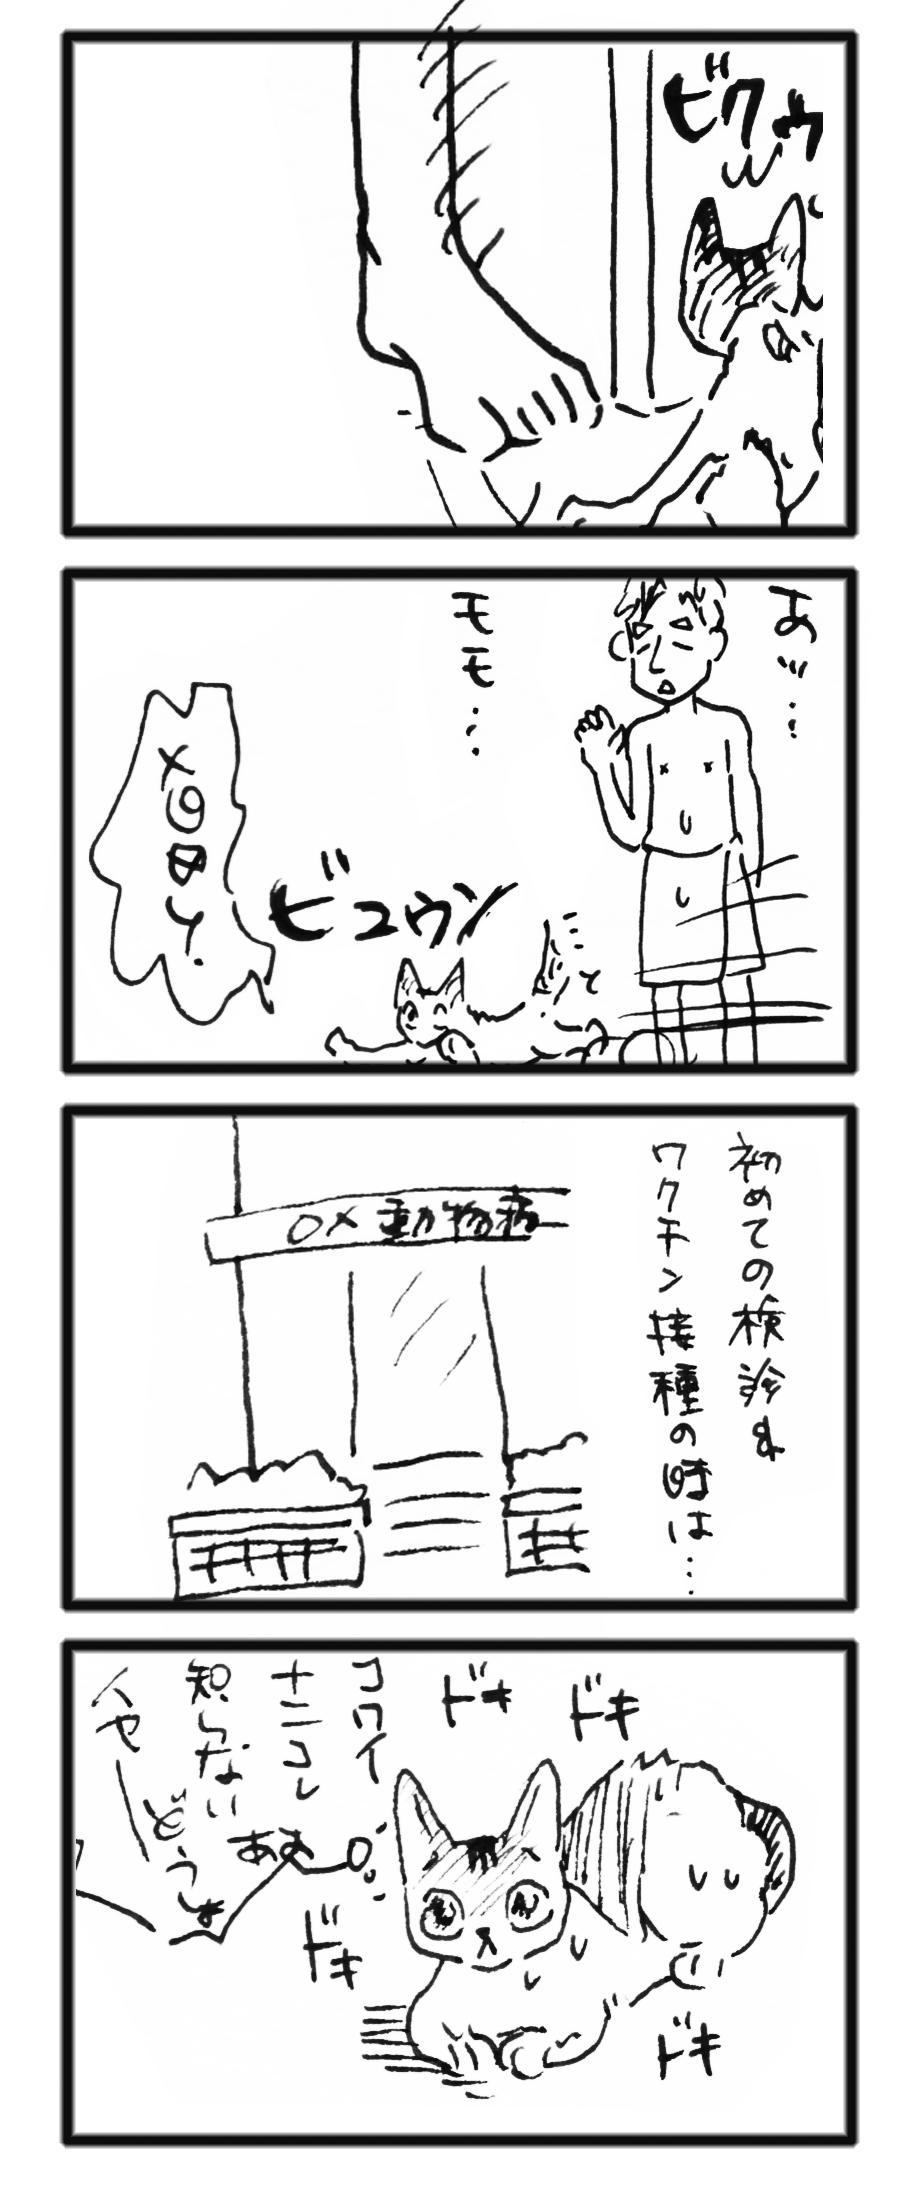 comic_2013101603.jpg